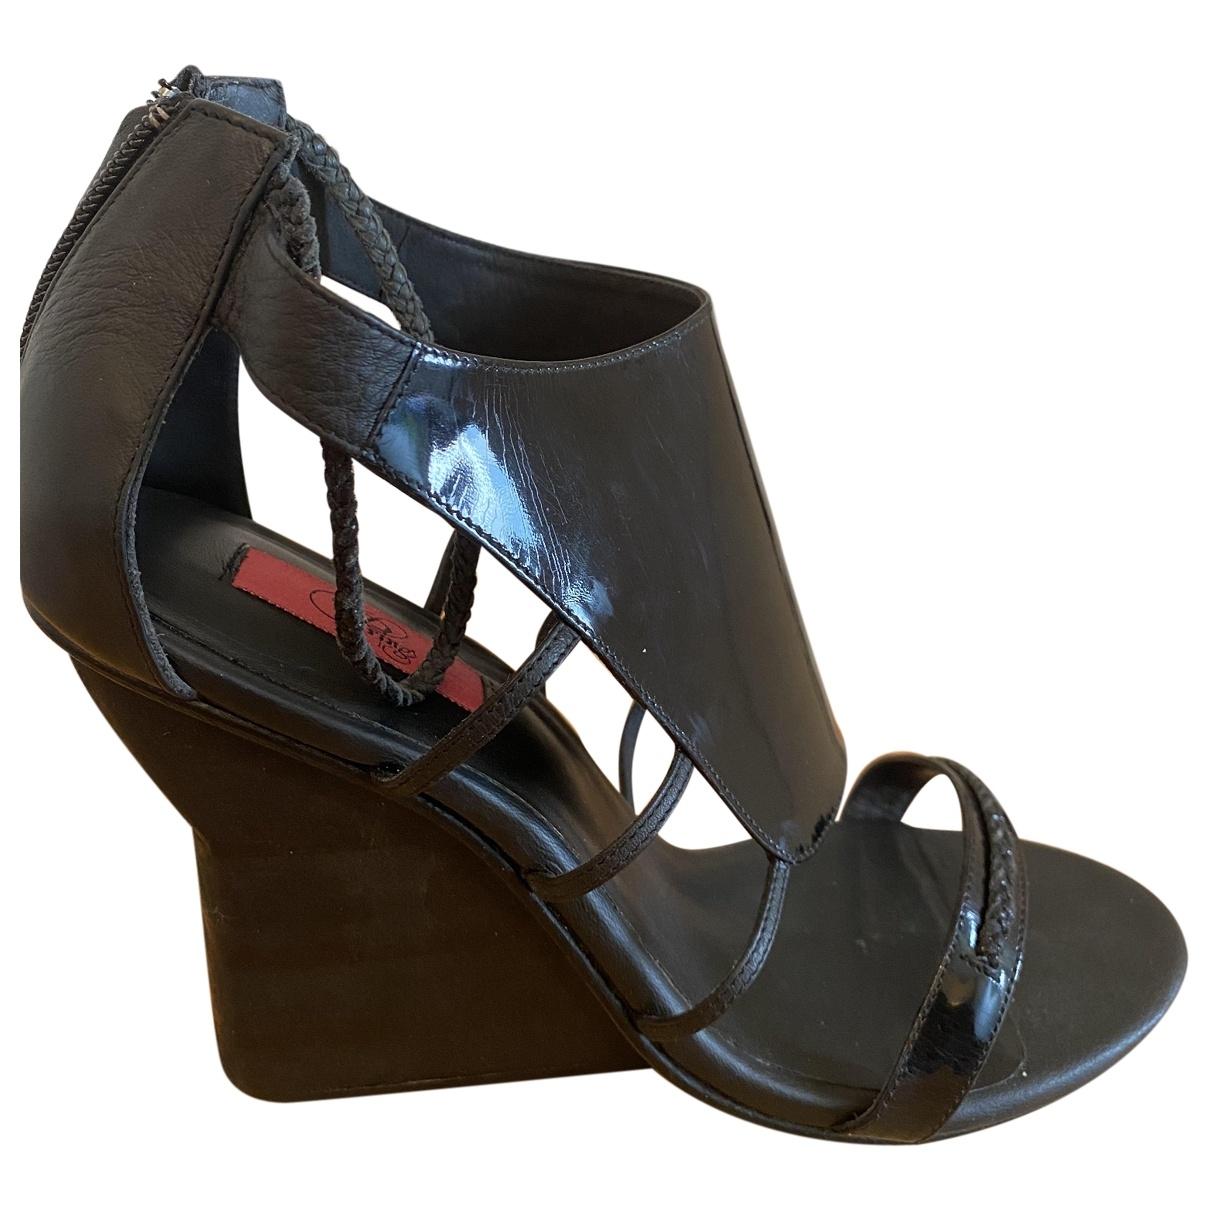 Sandalias de Charol Pring